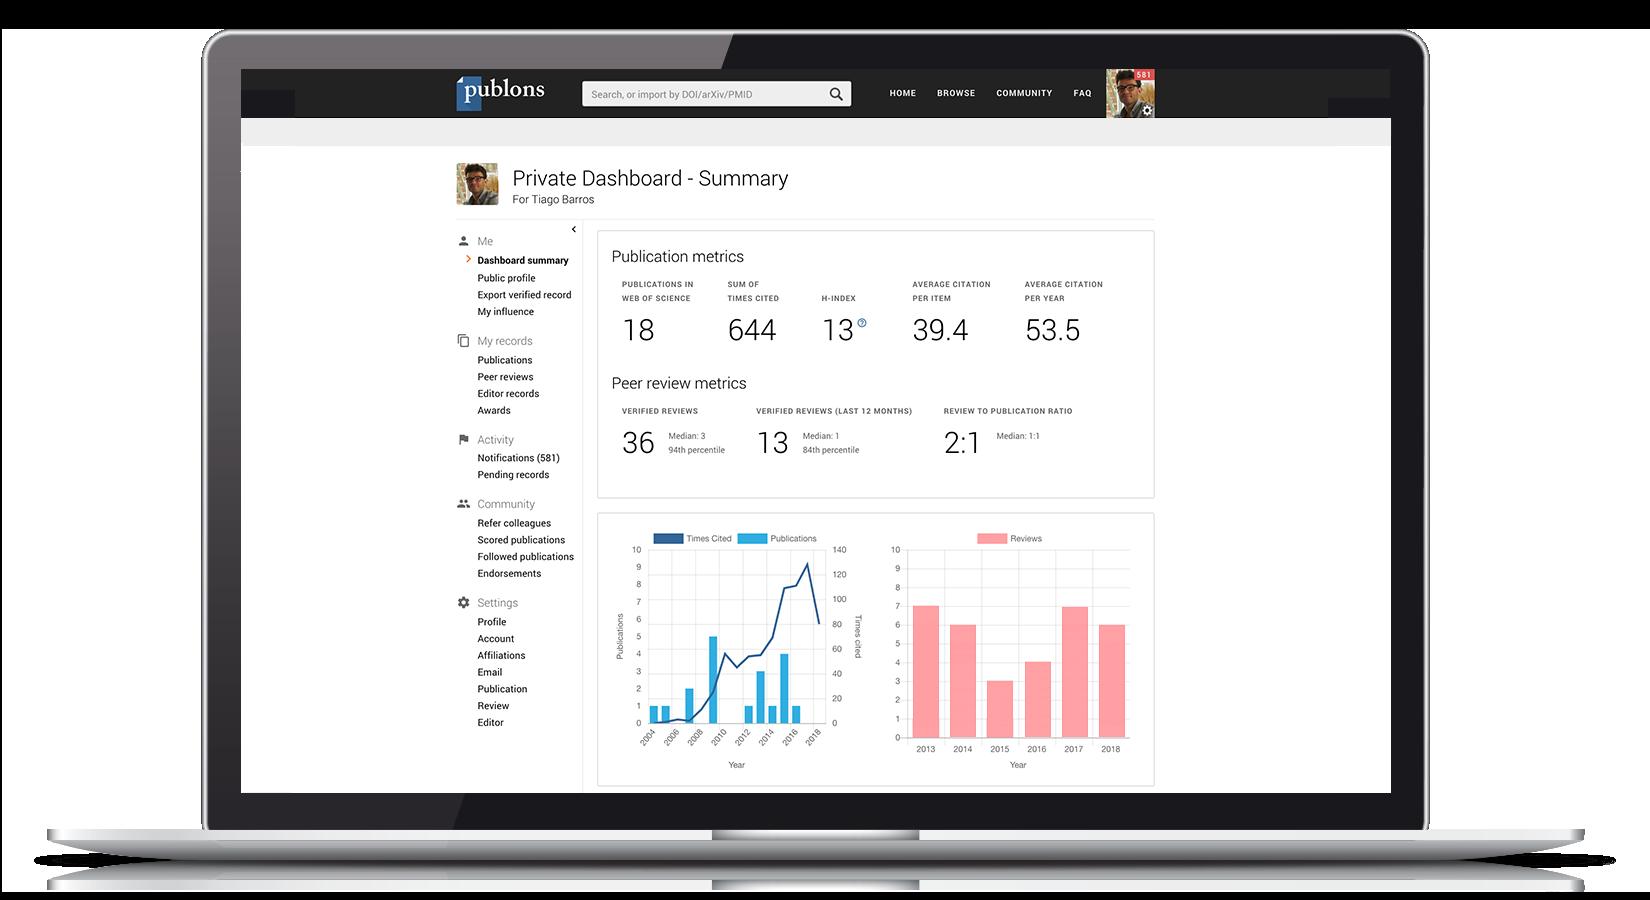 Stats-profile-public-profile-1650x900.png